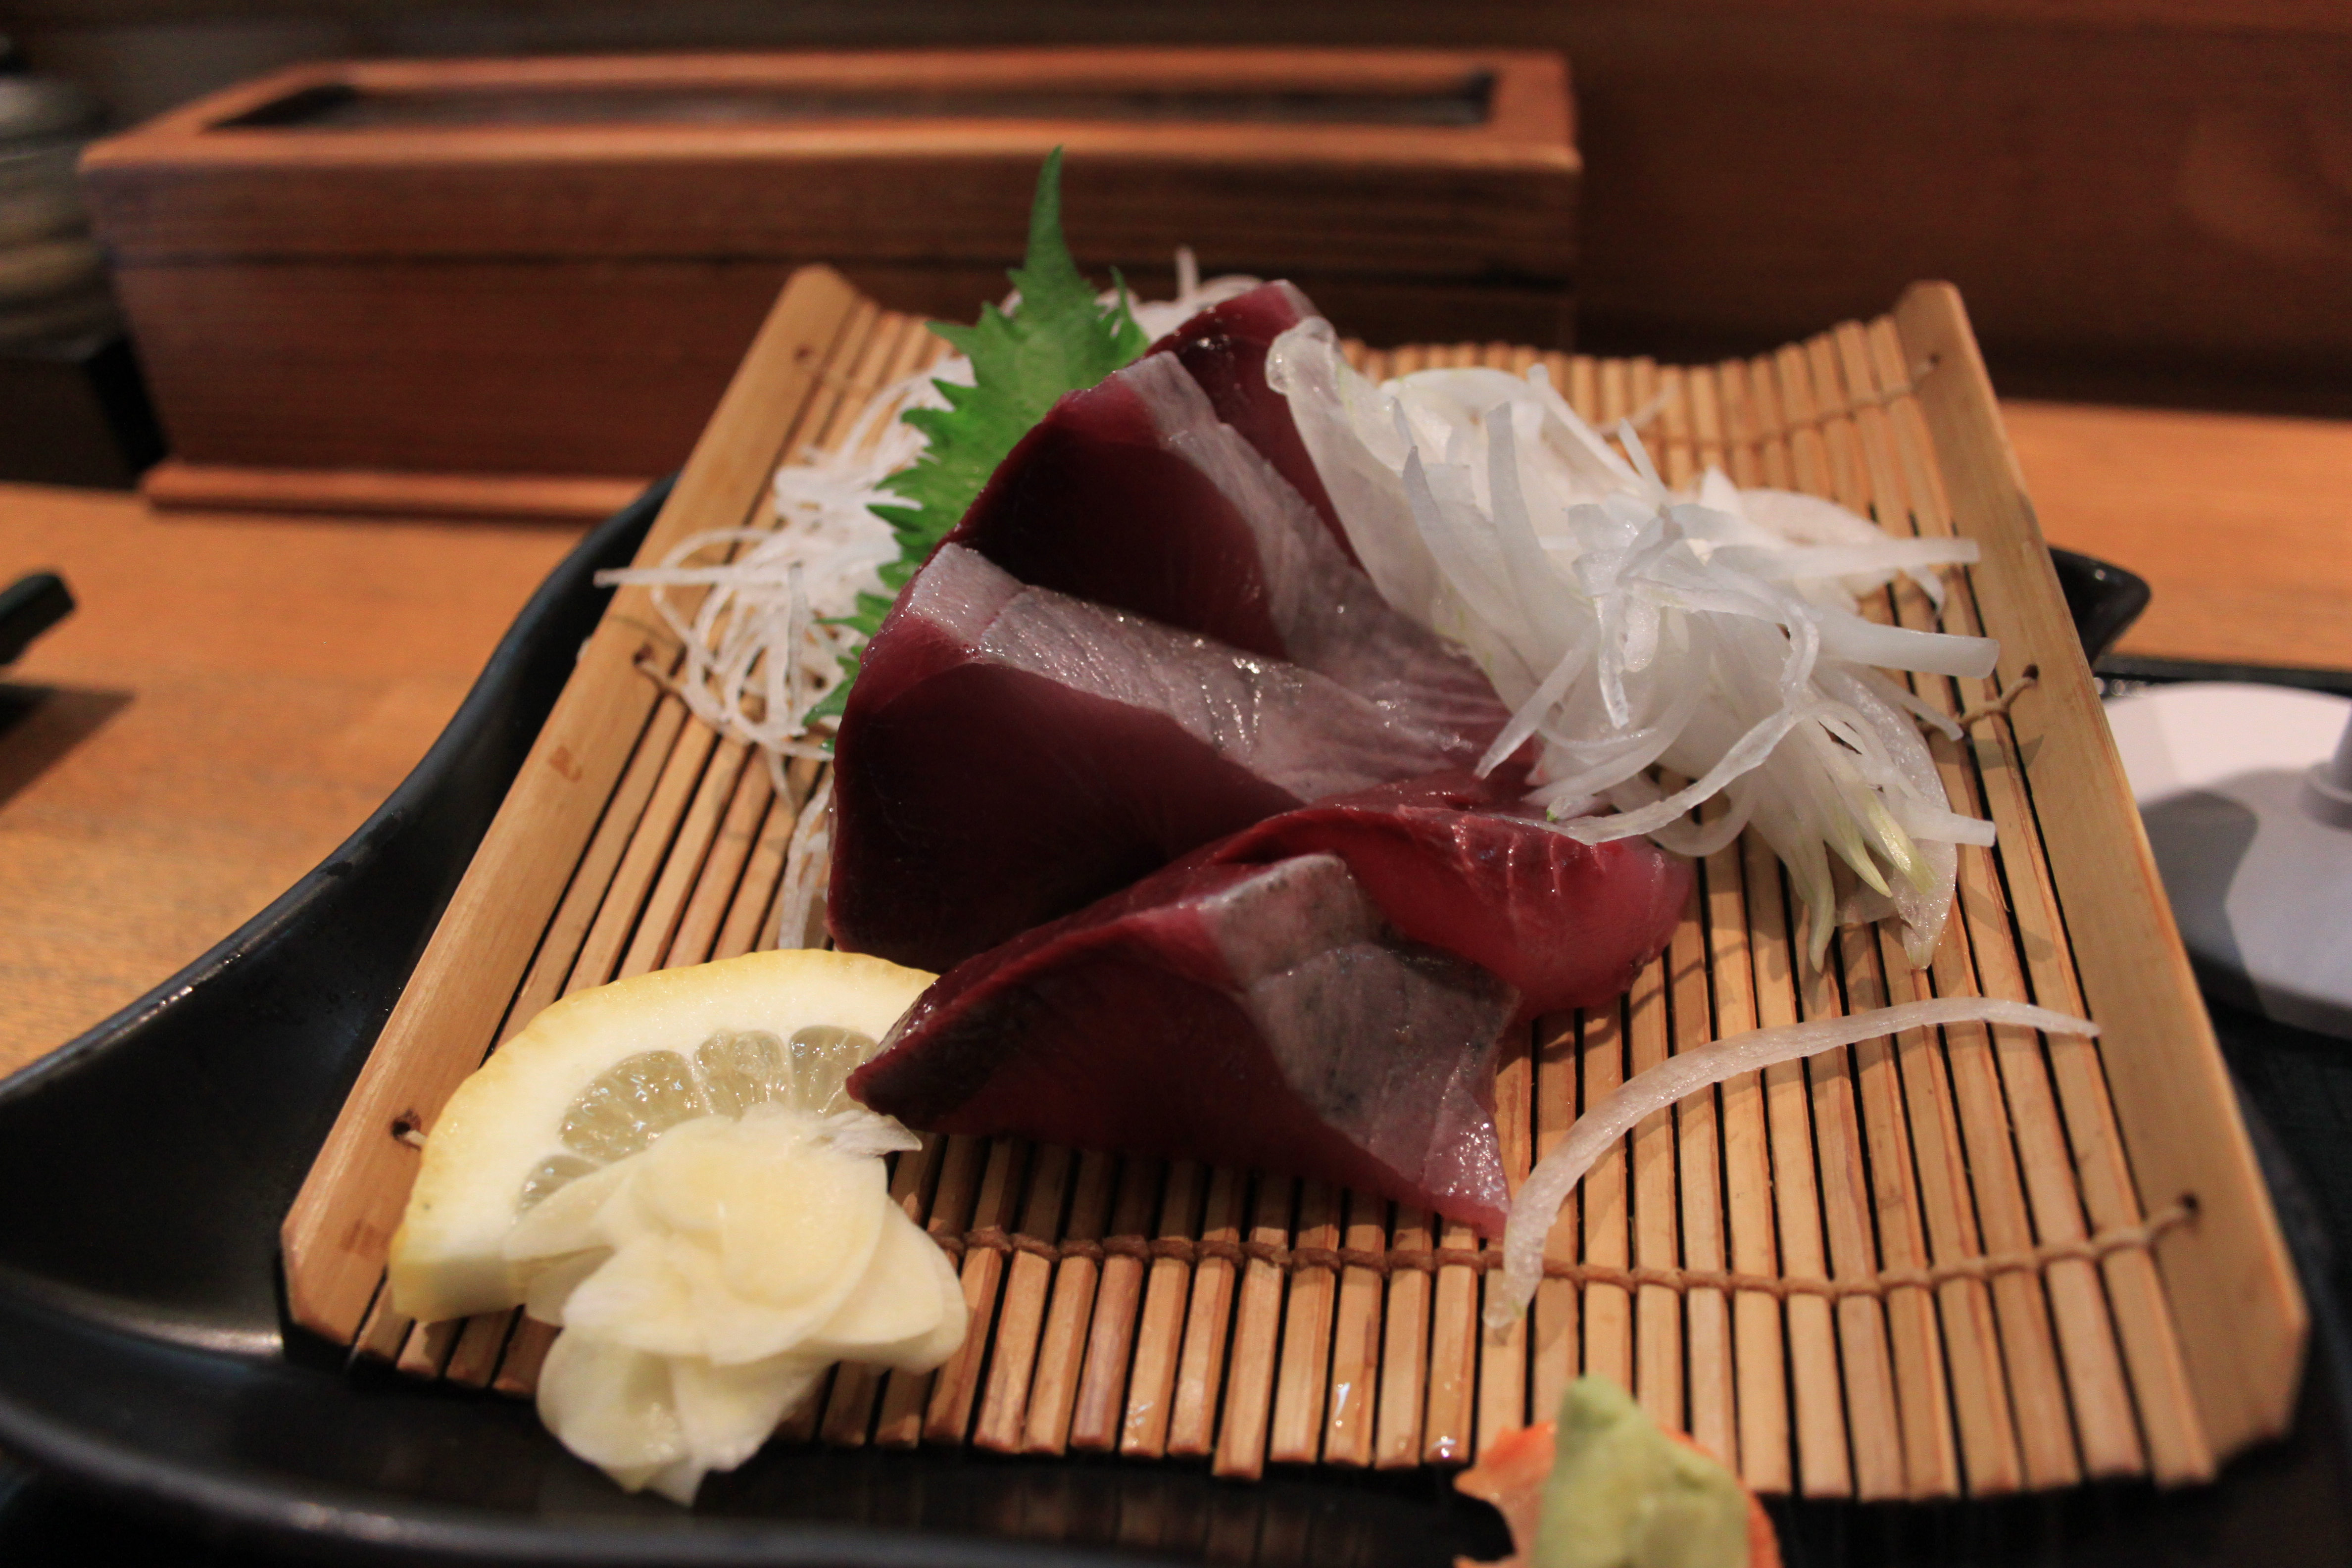 今が旬!愛媛で厳しい品質基準をクリアした稀少な鰹「愛南びやびやかつお」を実食調査してきました!!